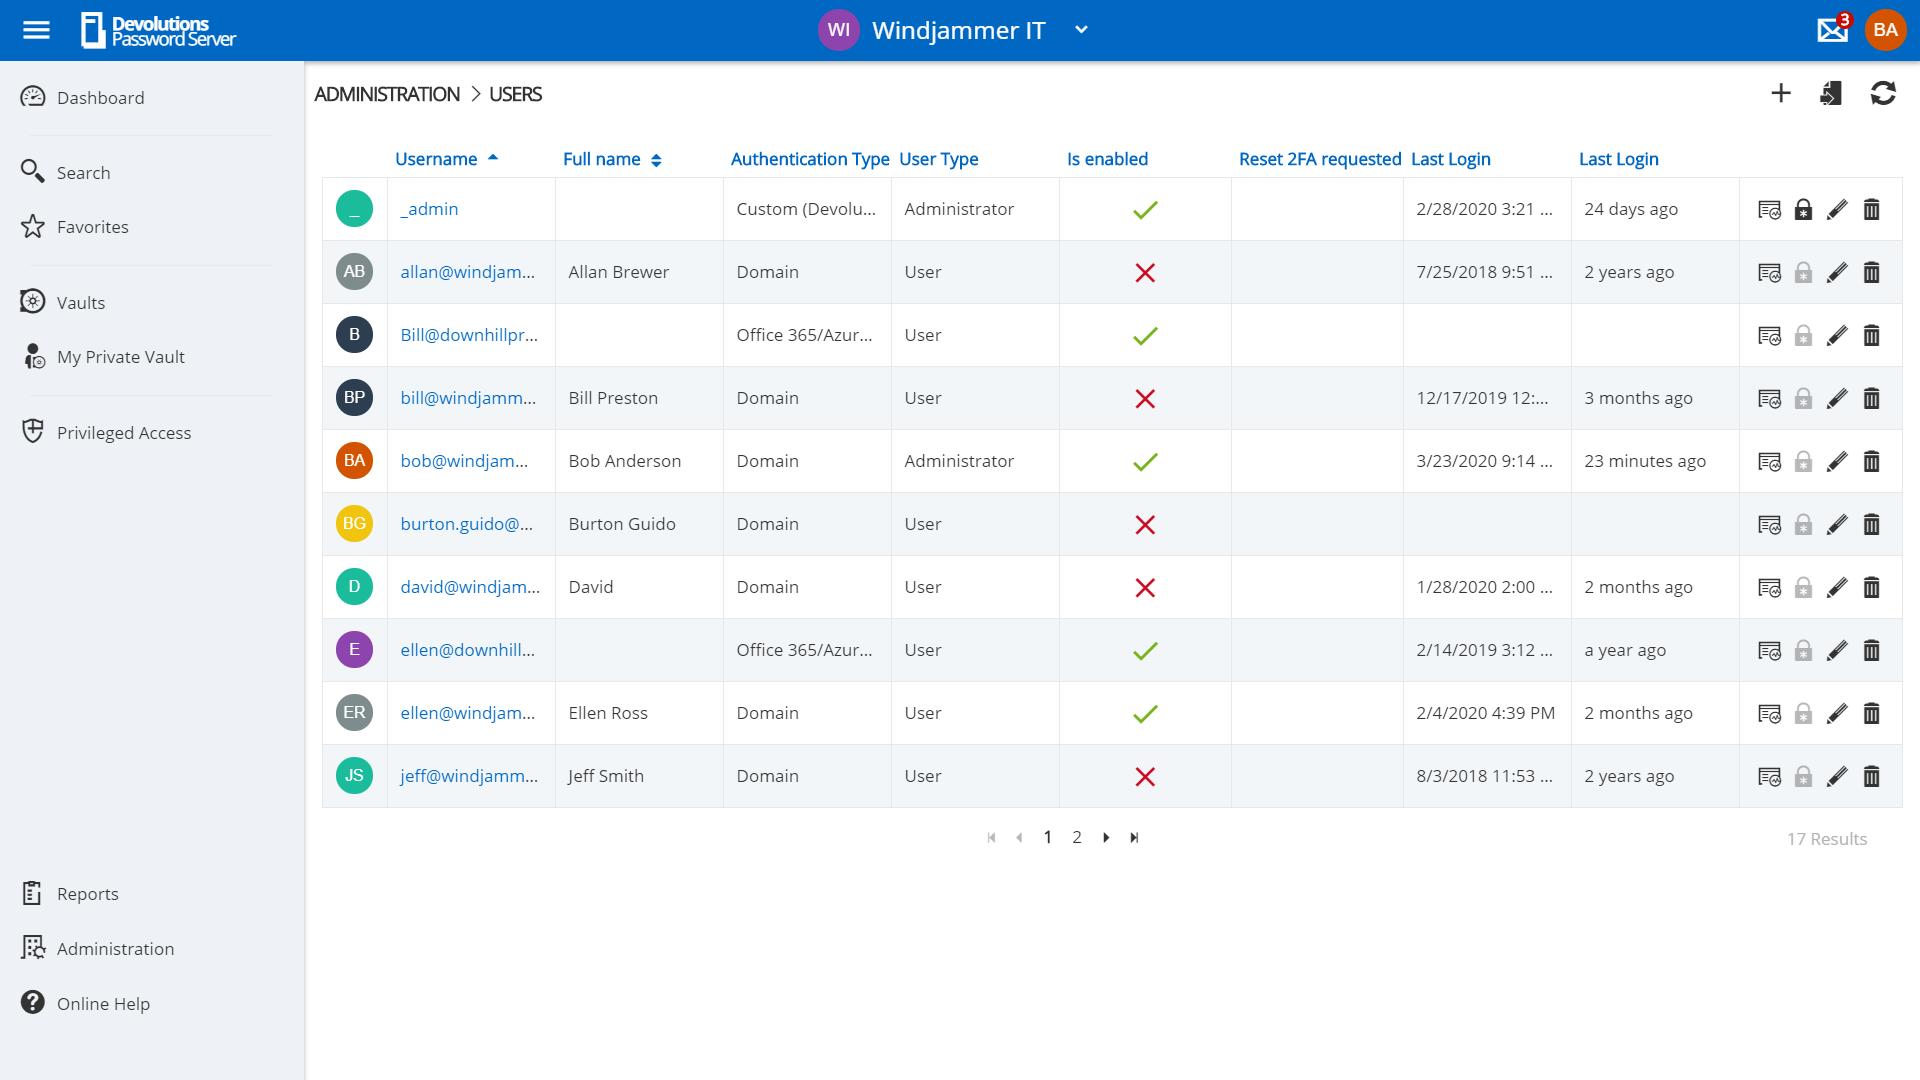 Devolutions Server Contrôlez les accès aux ressources clés grâce au système de contrôle d'accès basé sur des rôles